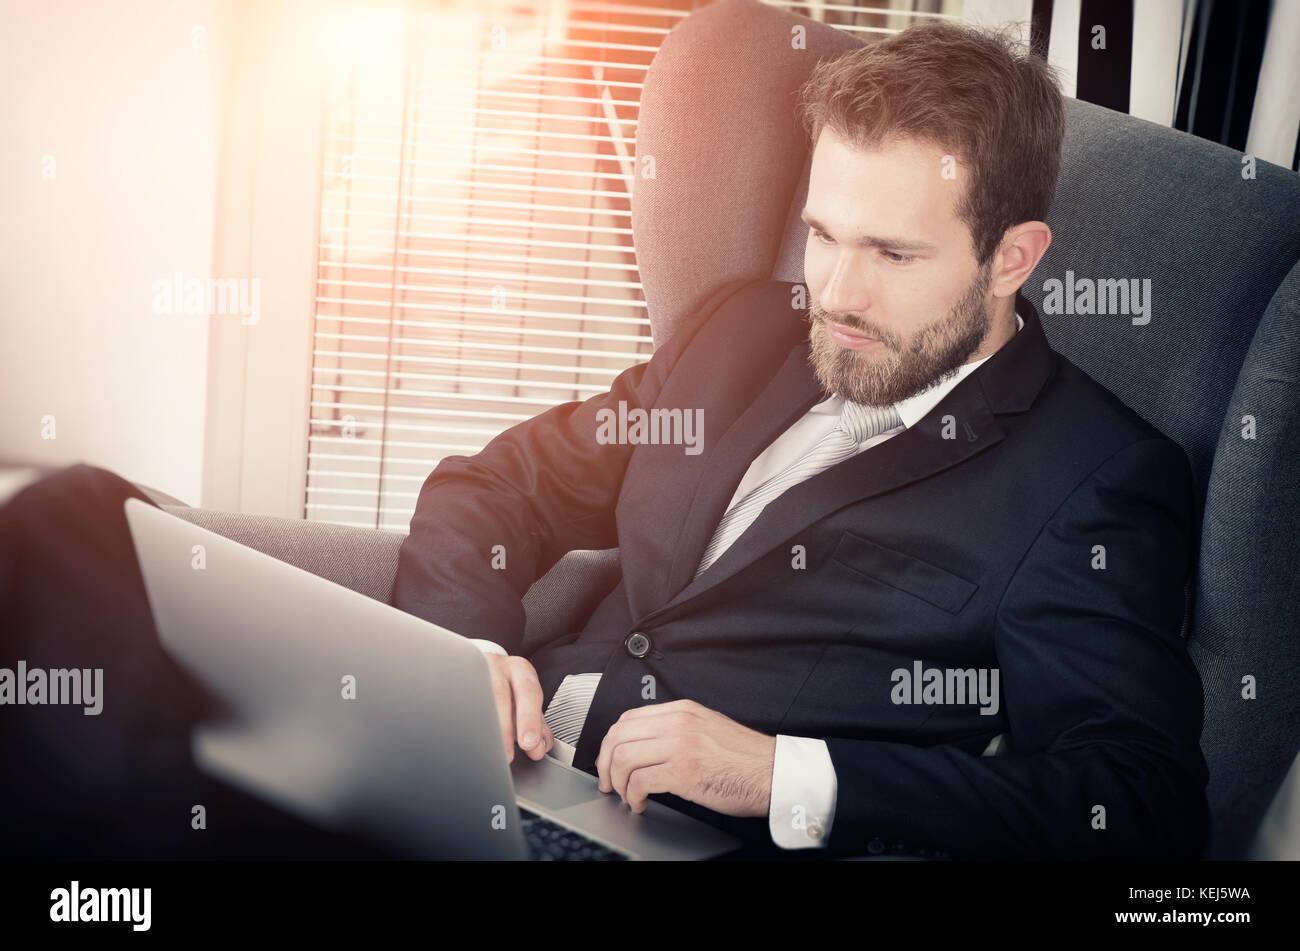 Young Business Mann arbeitet von Zuhause mit Laptop. home computer Geschäftsmann laptop Konzept Stockfoto